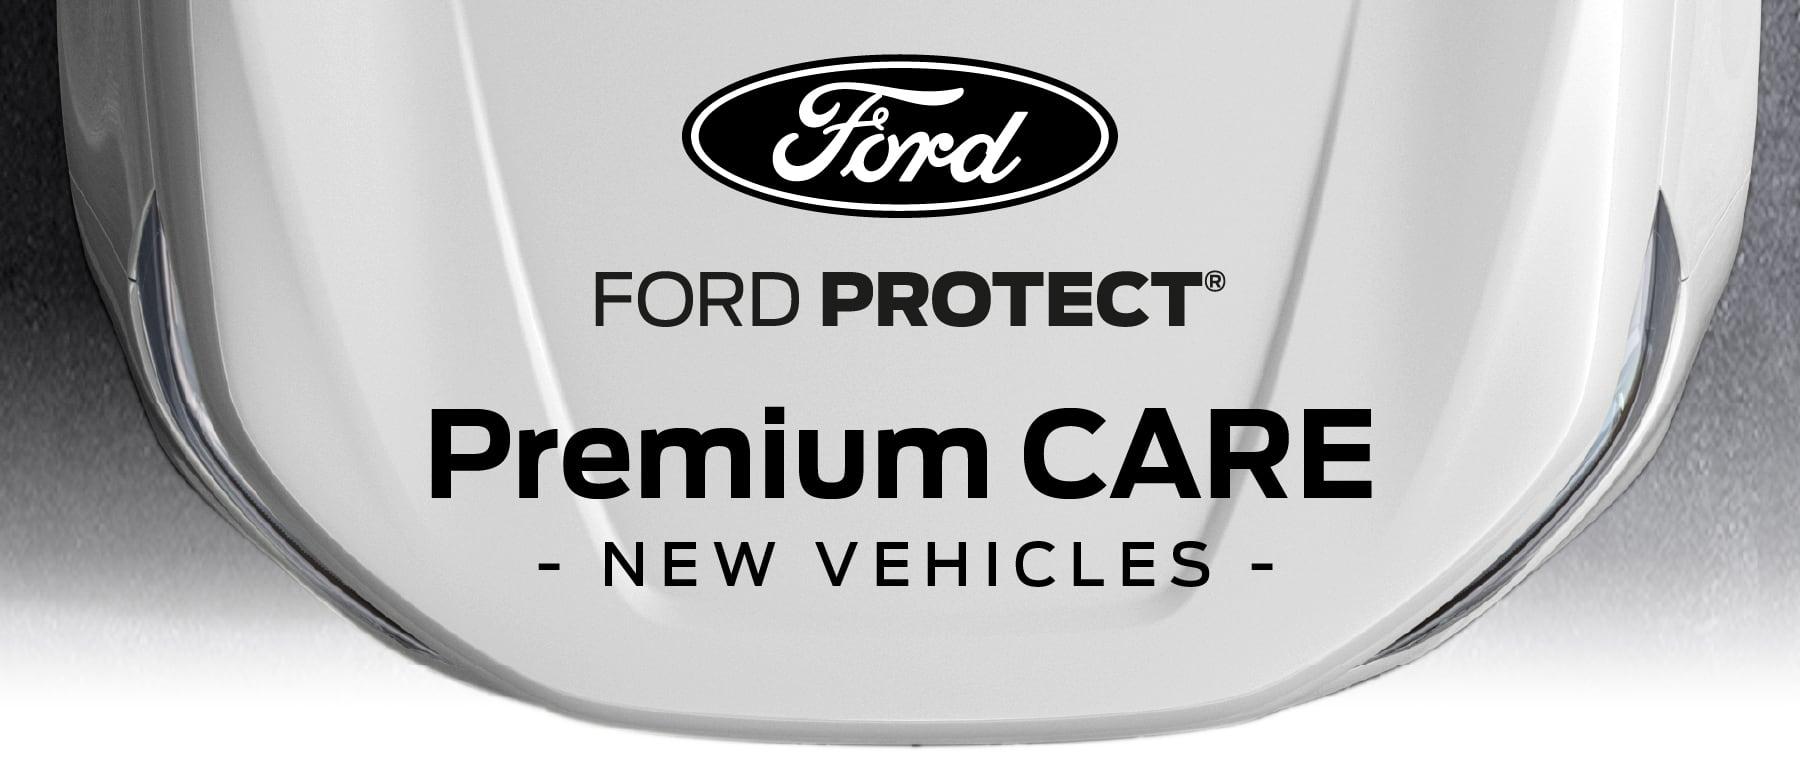 [Premium CARE]